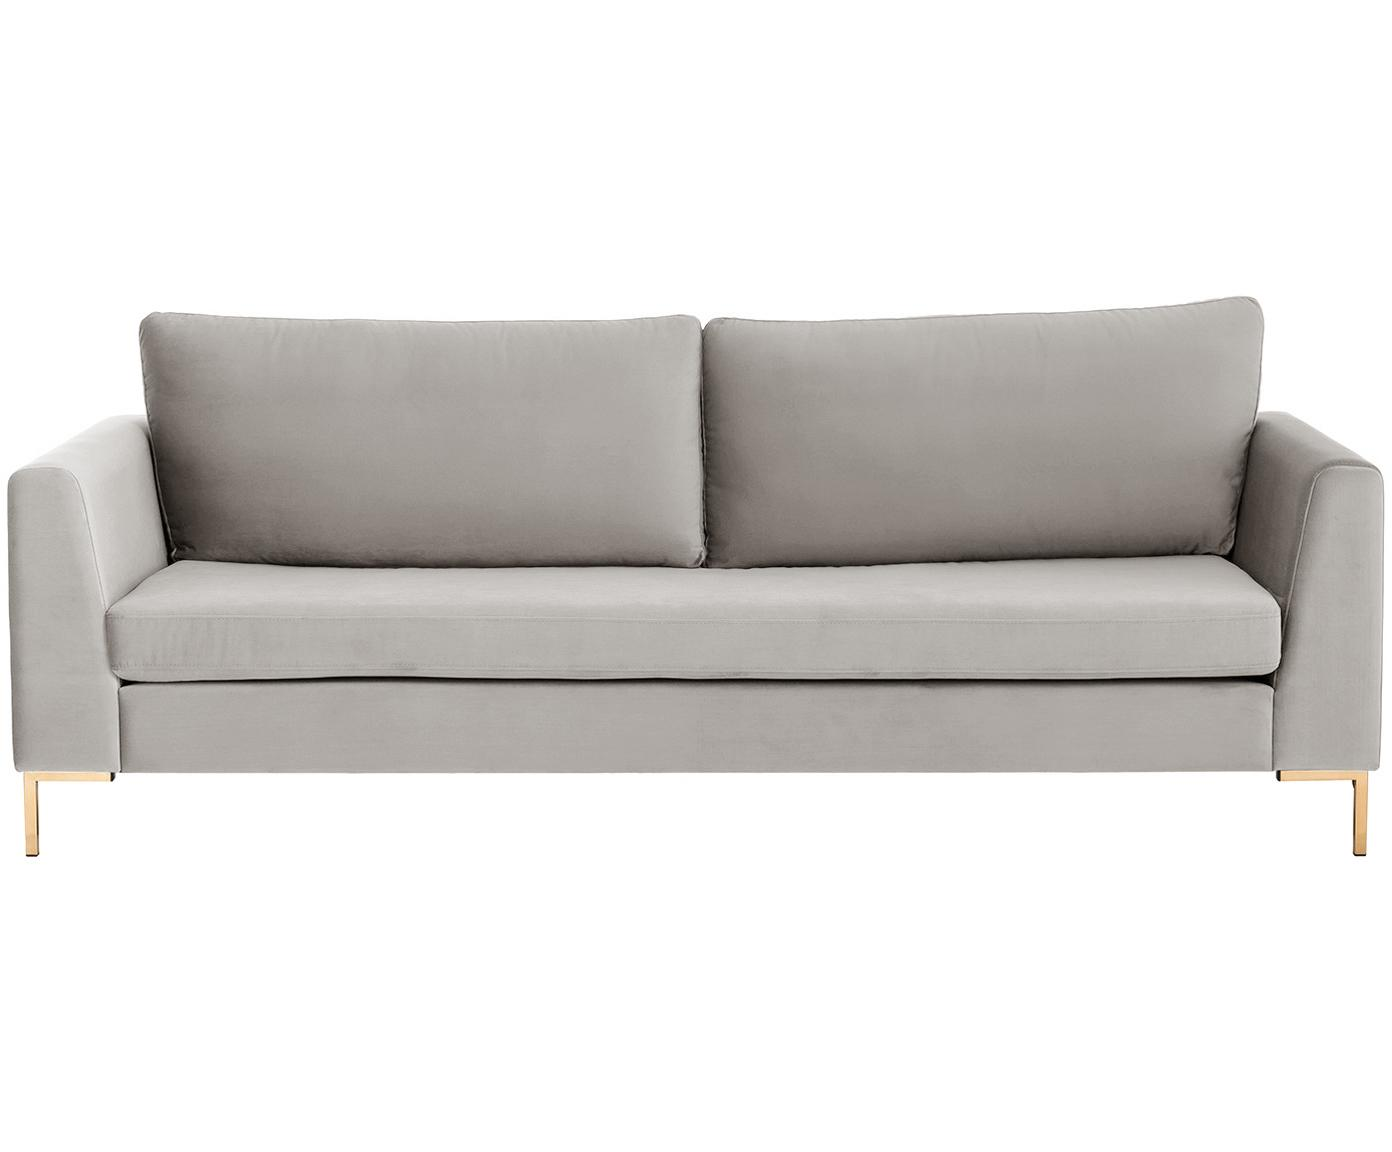 Sofa z aksamitu Luna (3-osobowa), Tapicerka: aksamit (poliester) 8000, Stelaż: lite drewno bukowe, Nogi: metal galwanizowany, Aksamitny beżowy, złoty, S 230 x G 95 cm